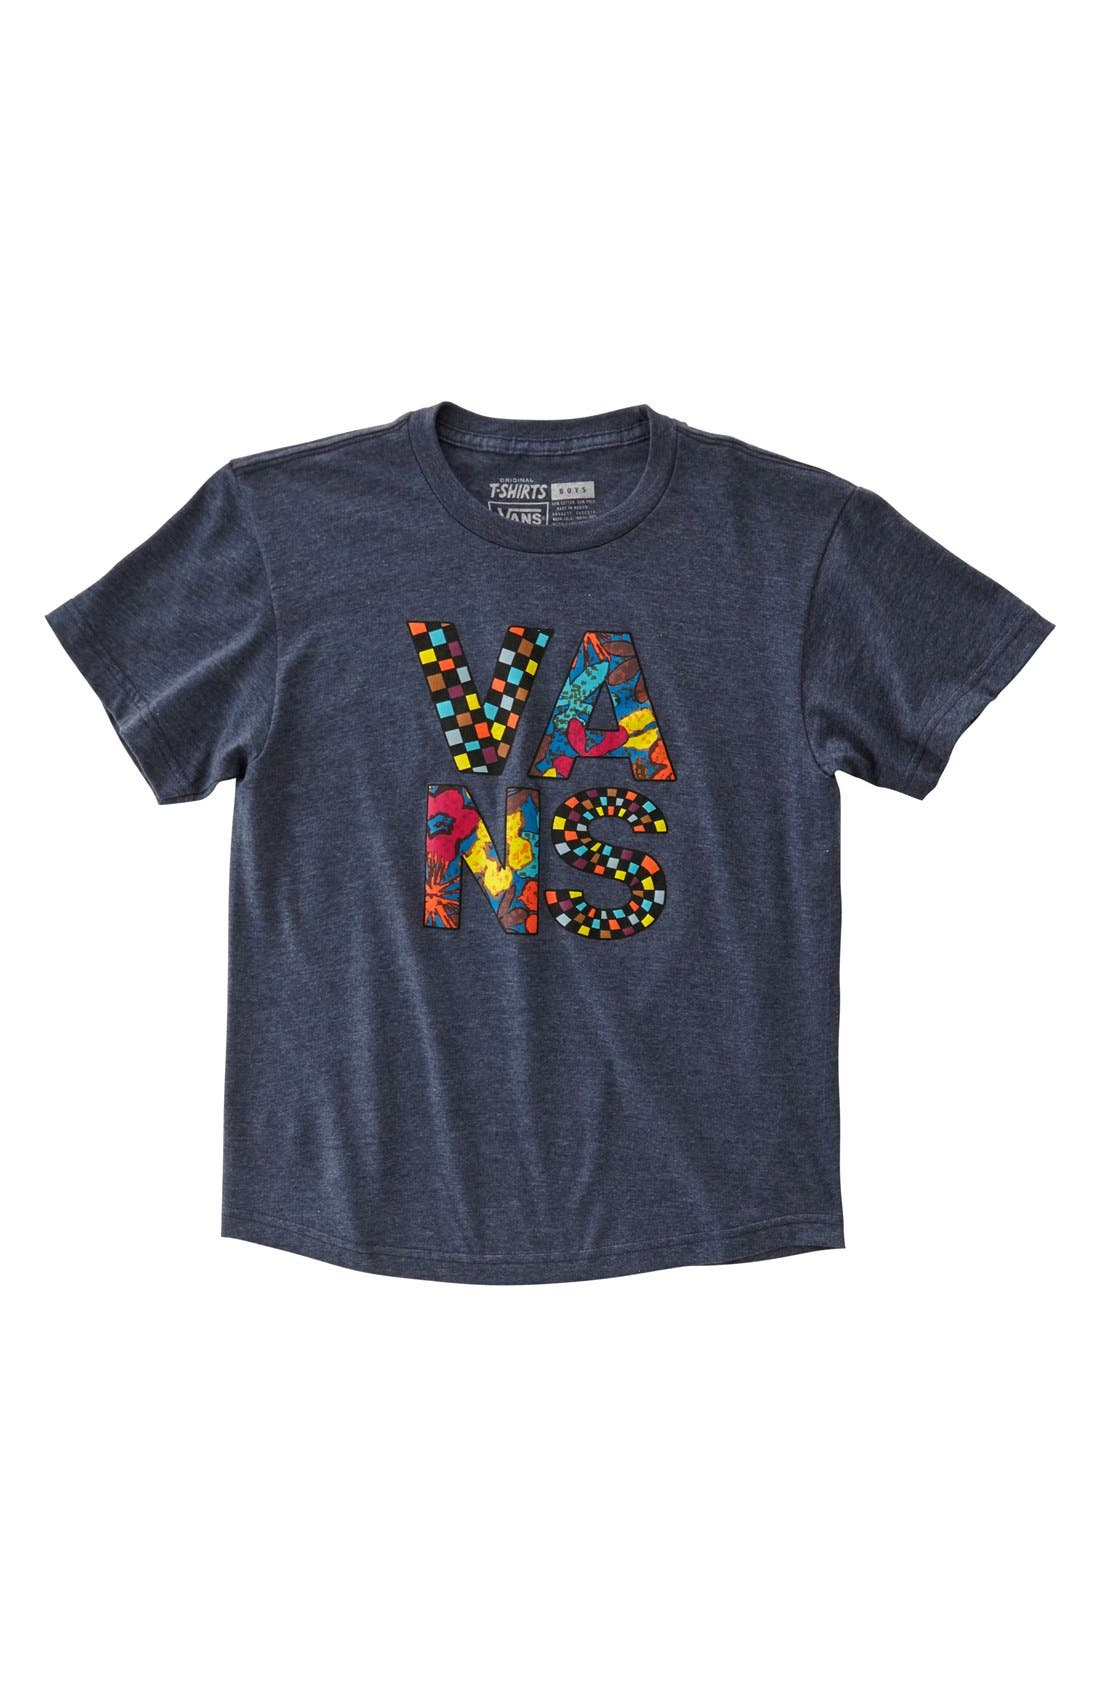 Alternate Image 1 Selected - Vans 'Typesetter' Graphic T-Shirt (Big Boys)